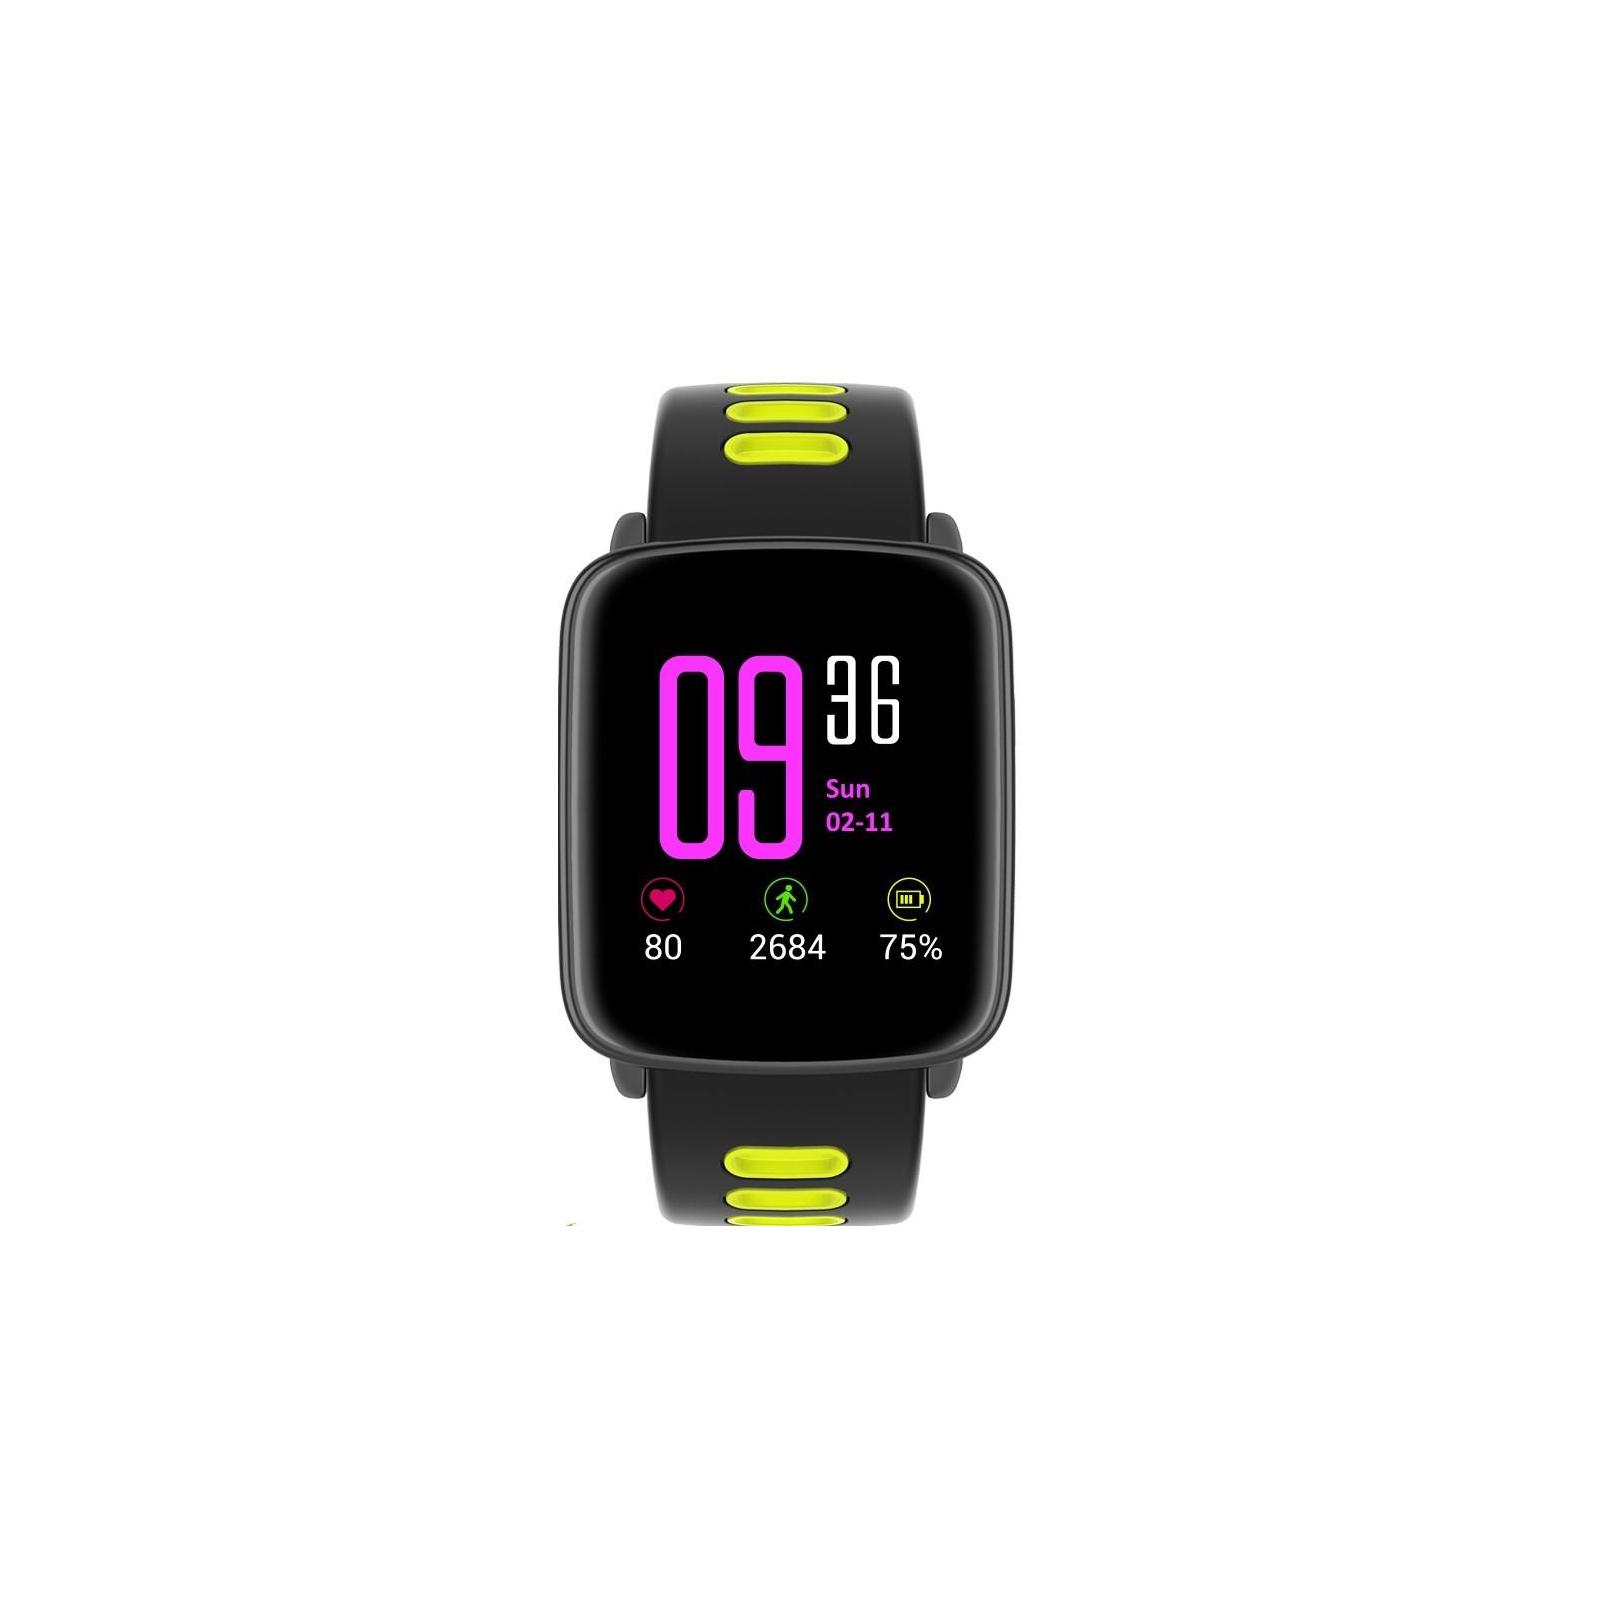 Смарт-часы Nomi W20 Black-Yellow изображение 2